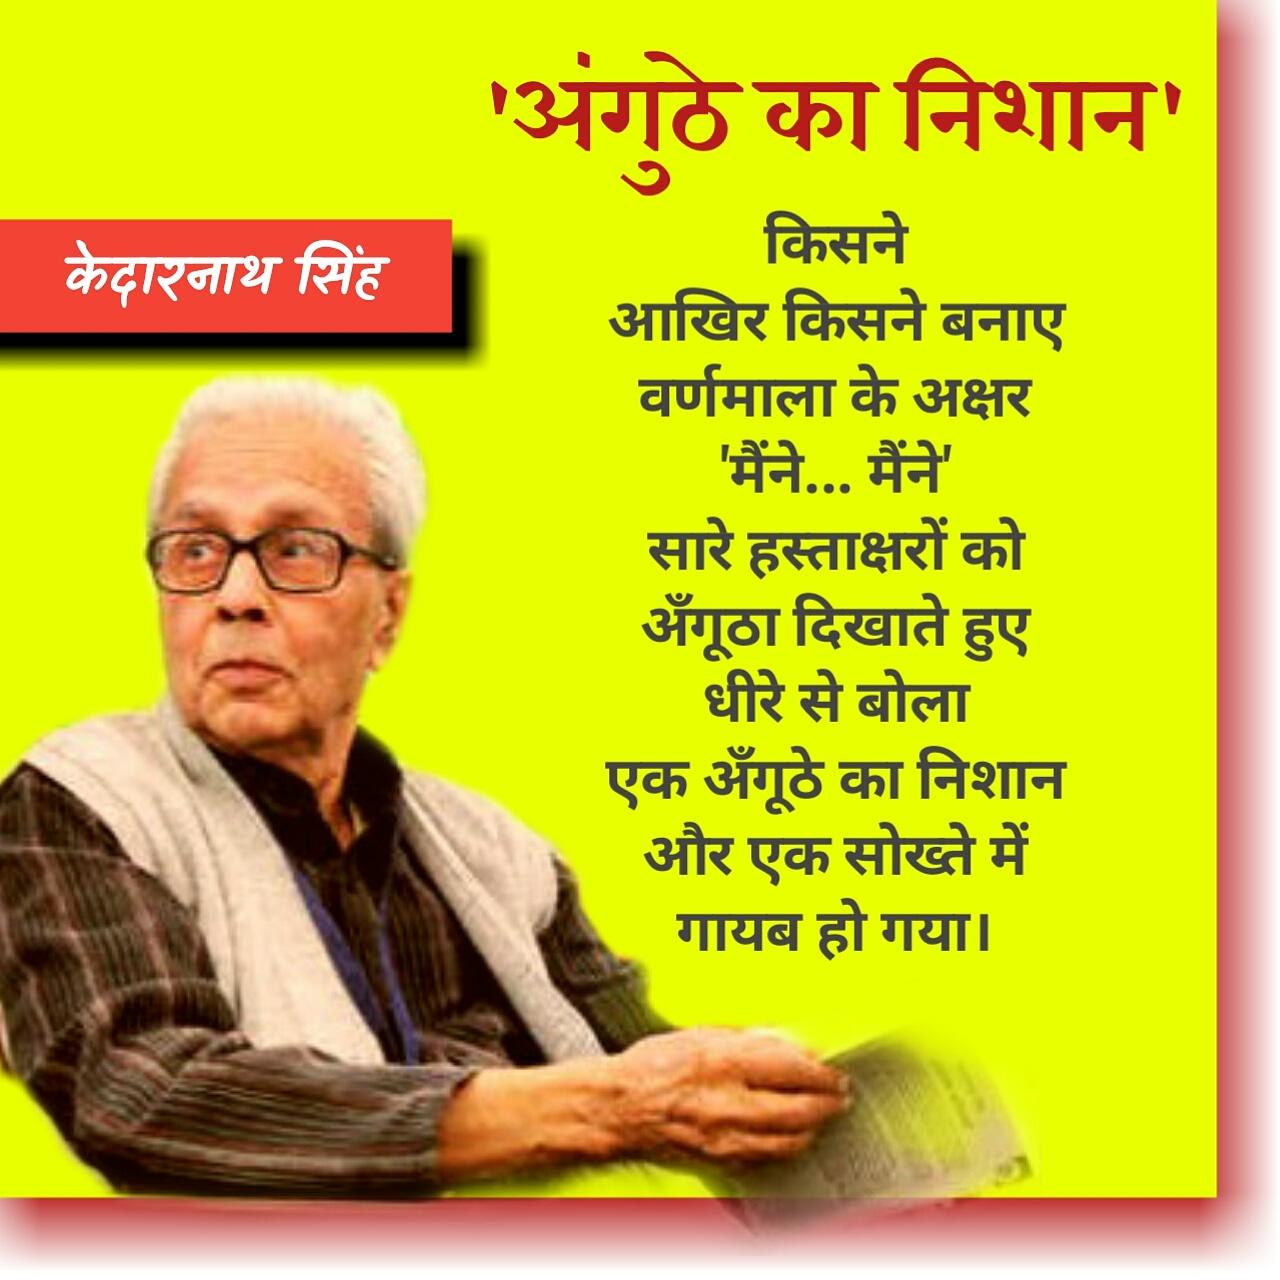 'अँगूठे का निशान' कविता केदारनाथ सिंह जी द्वारा लिखी गई एक हिन्दी कविता है। अकाल में सारस' नामक कविता-संग्रह में यह कविता 'अंगूठे का निशान' भी संकलित हैं।